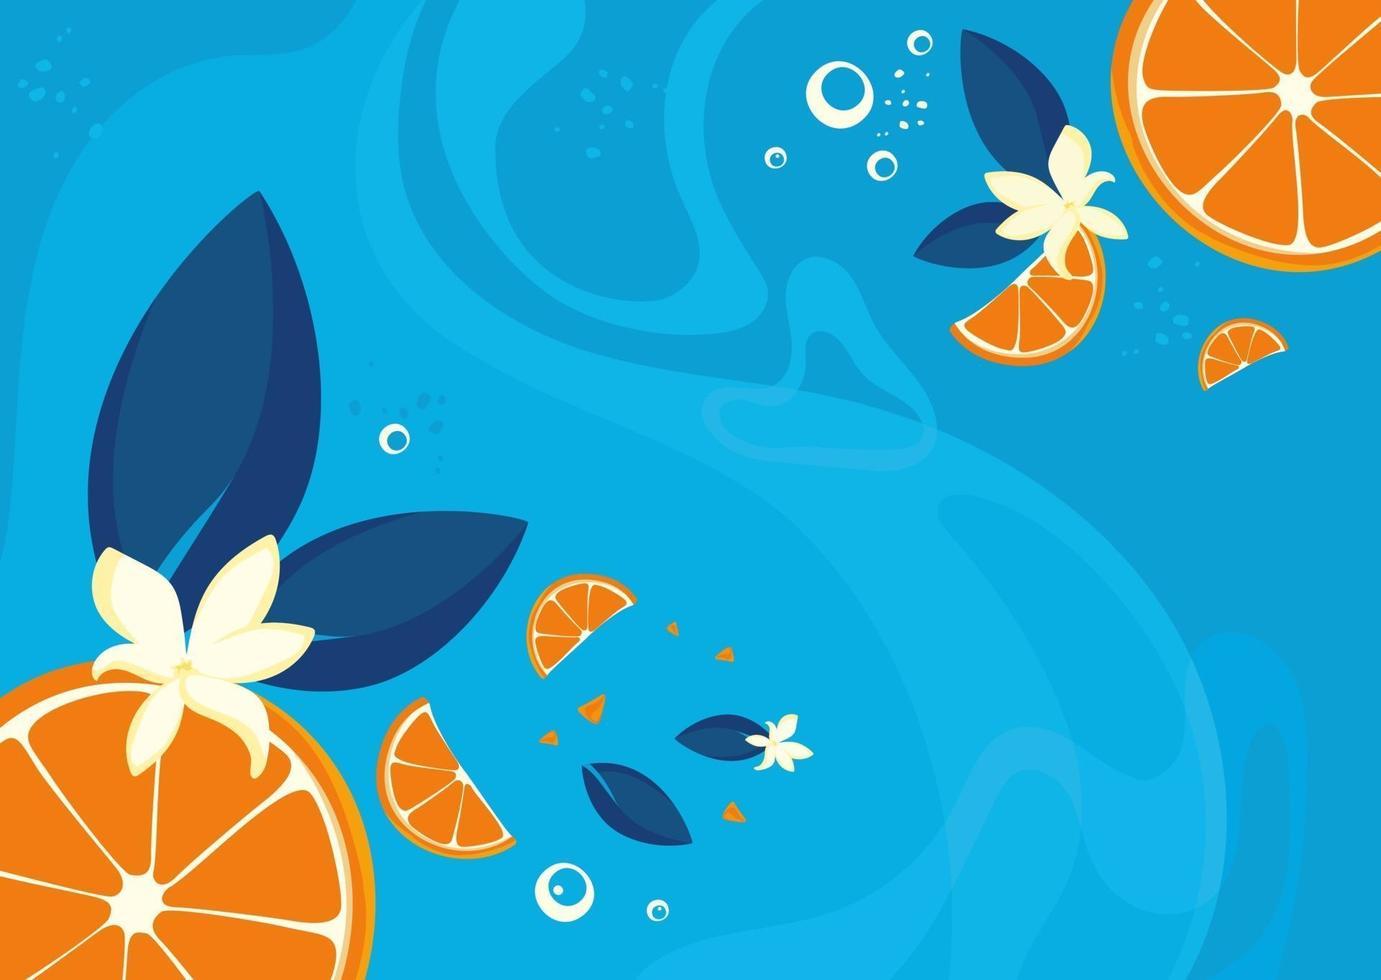 sjabloon voor spandoek met sinaasappels en vanille. vector